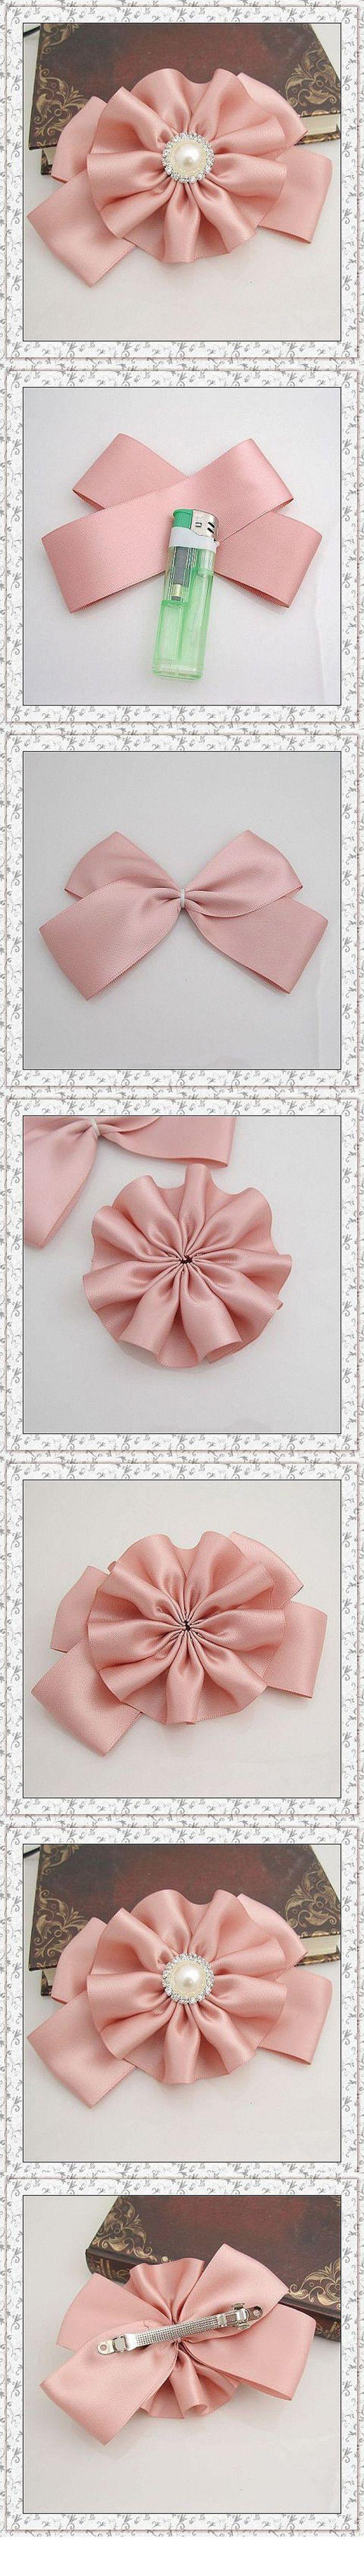 粉色花朵蝴...来自笑笑妈的夏天的图片分享-堆糖